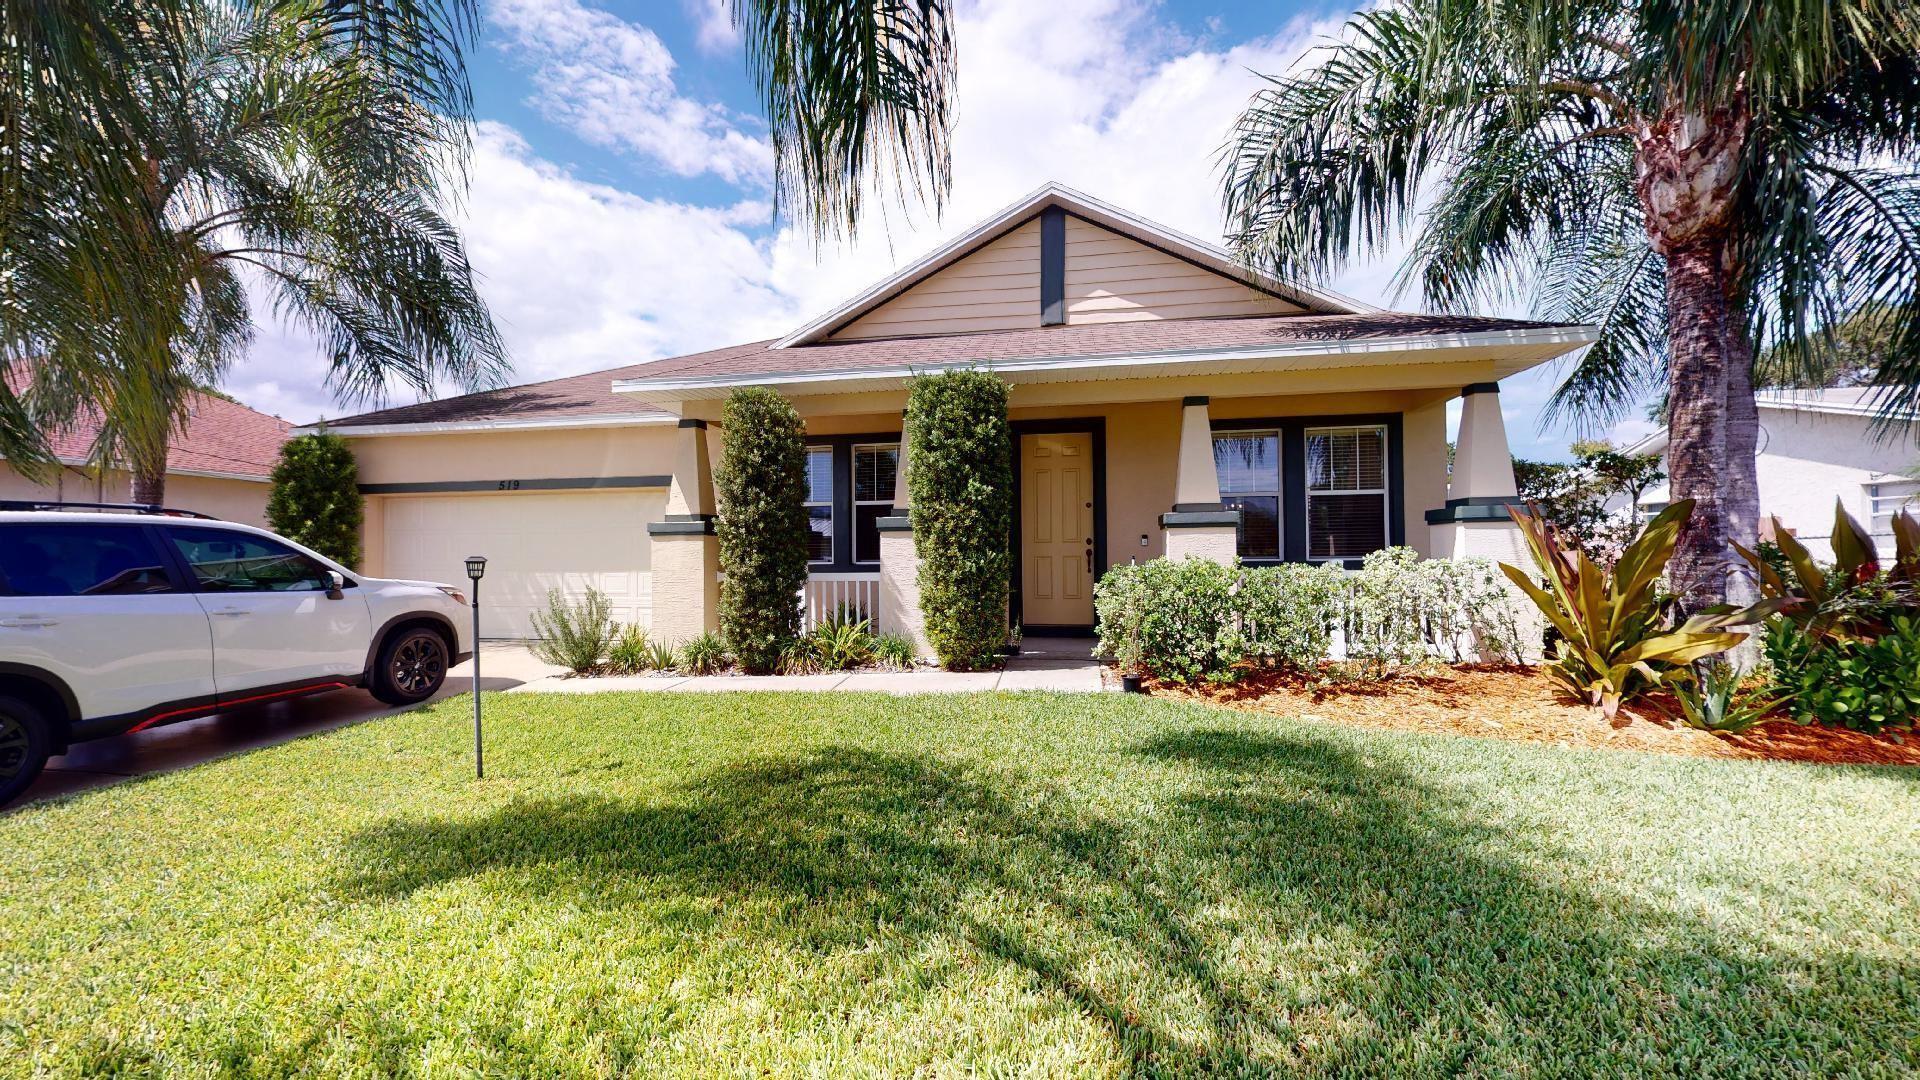 519 SE Maple Terrace, Port Saint Lucie, FL 34983 - #: RX-10747676